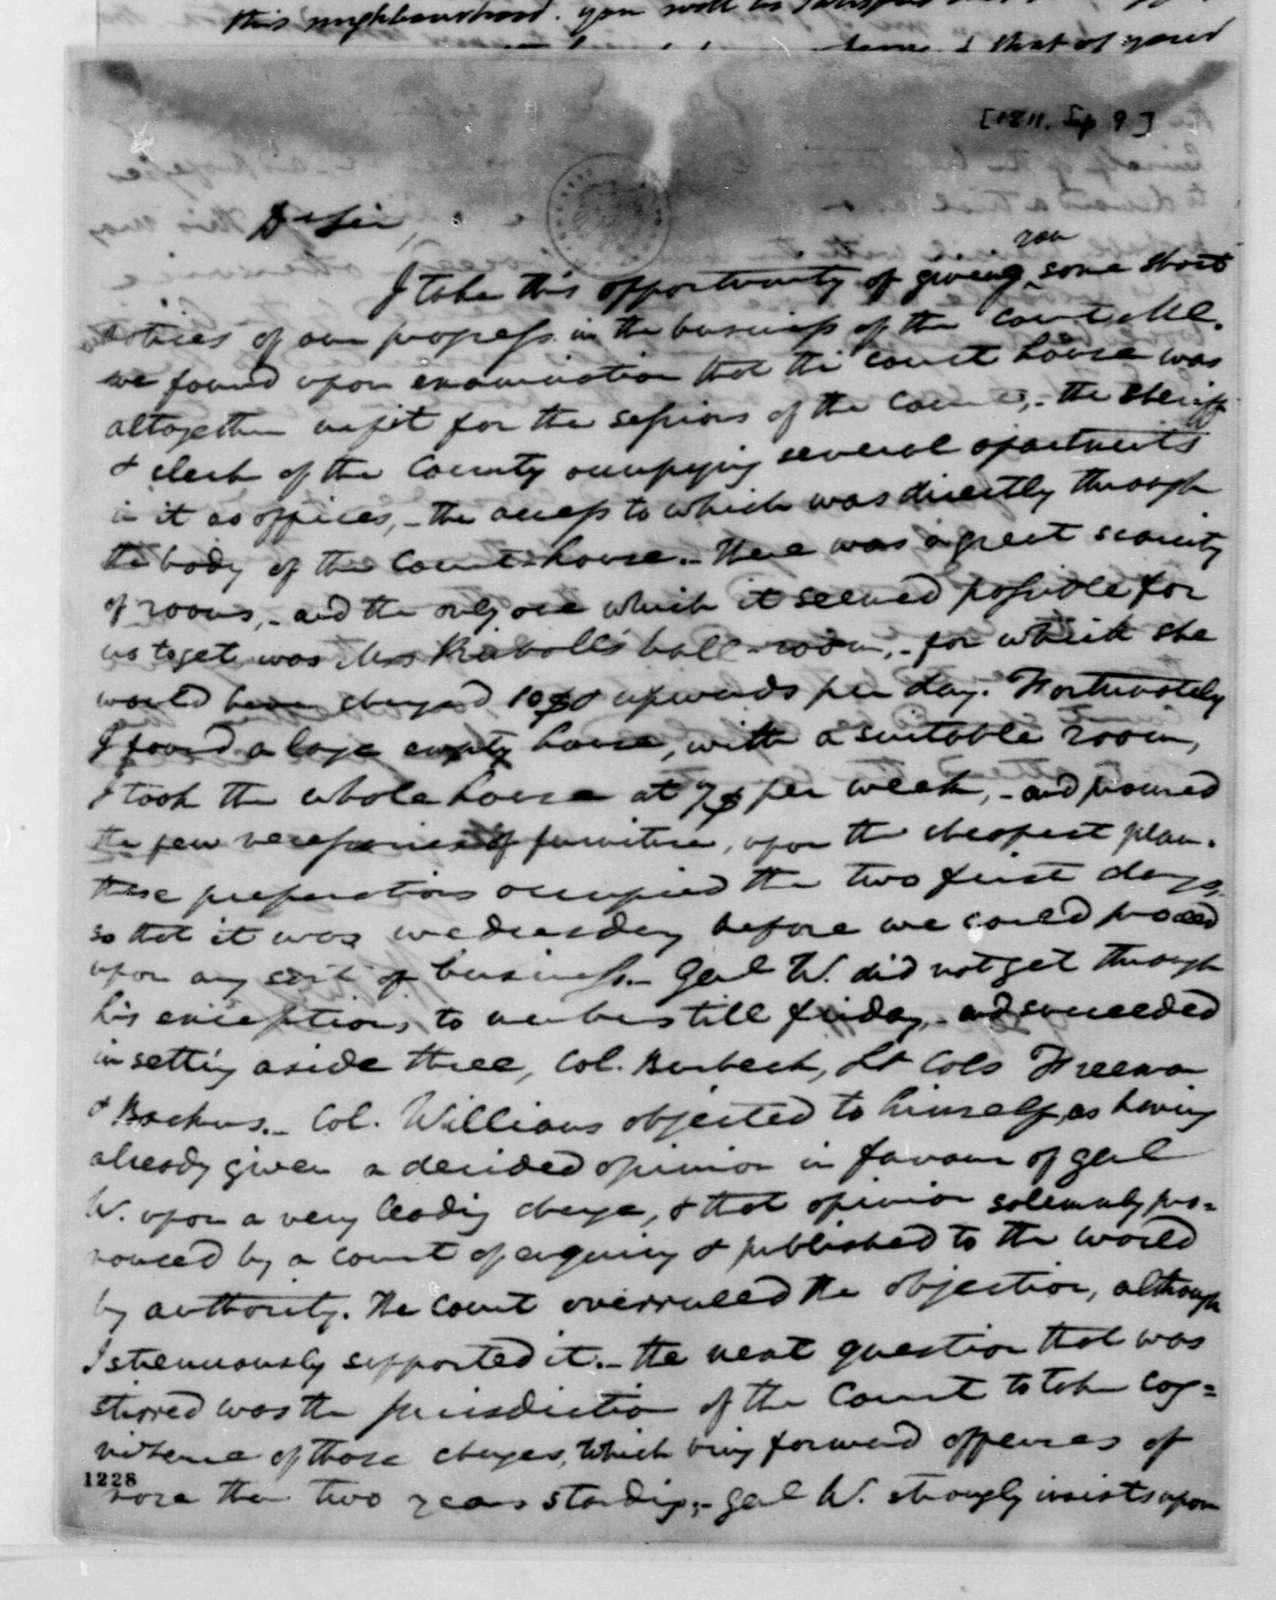 William Jones to William Eustis, September 9, 1811.